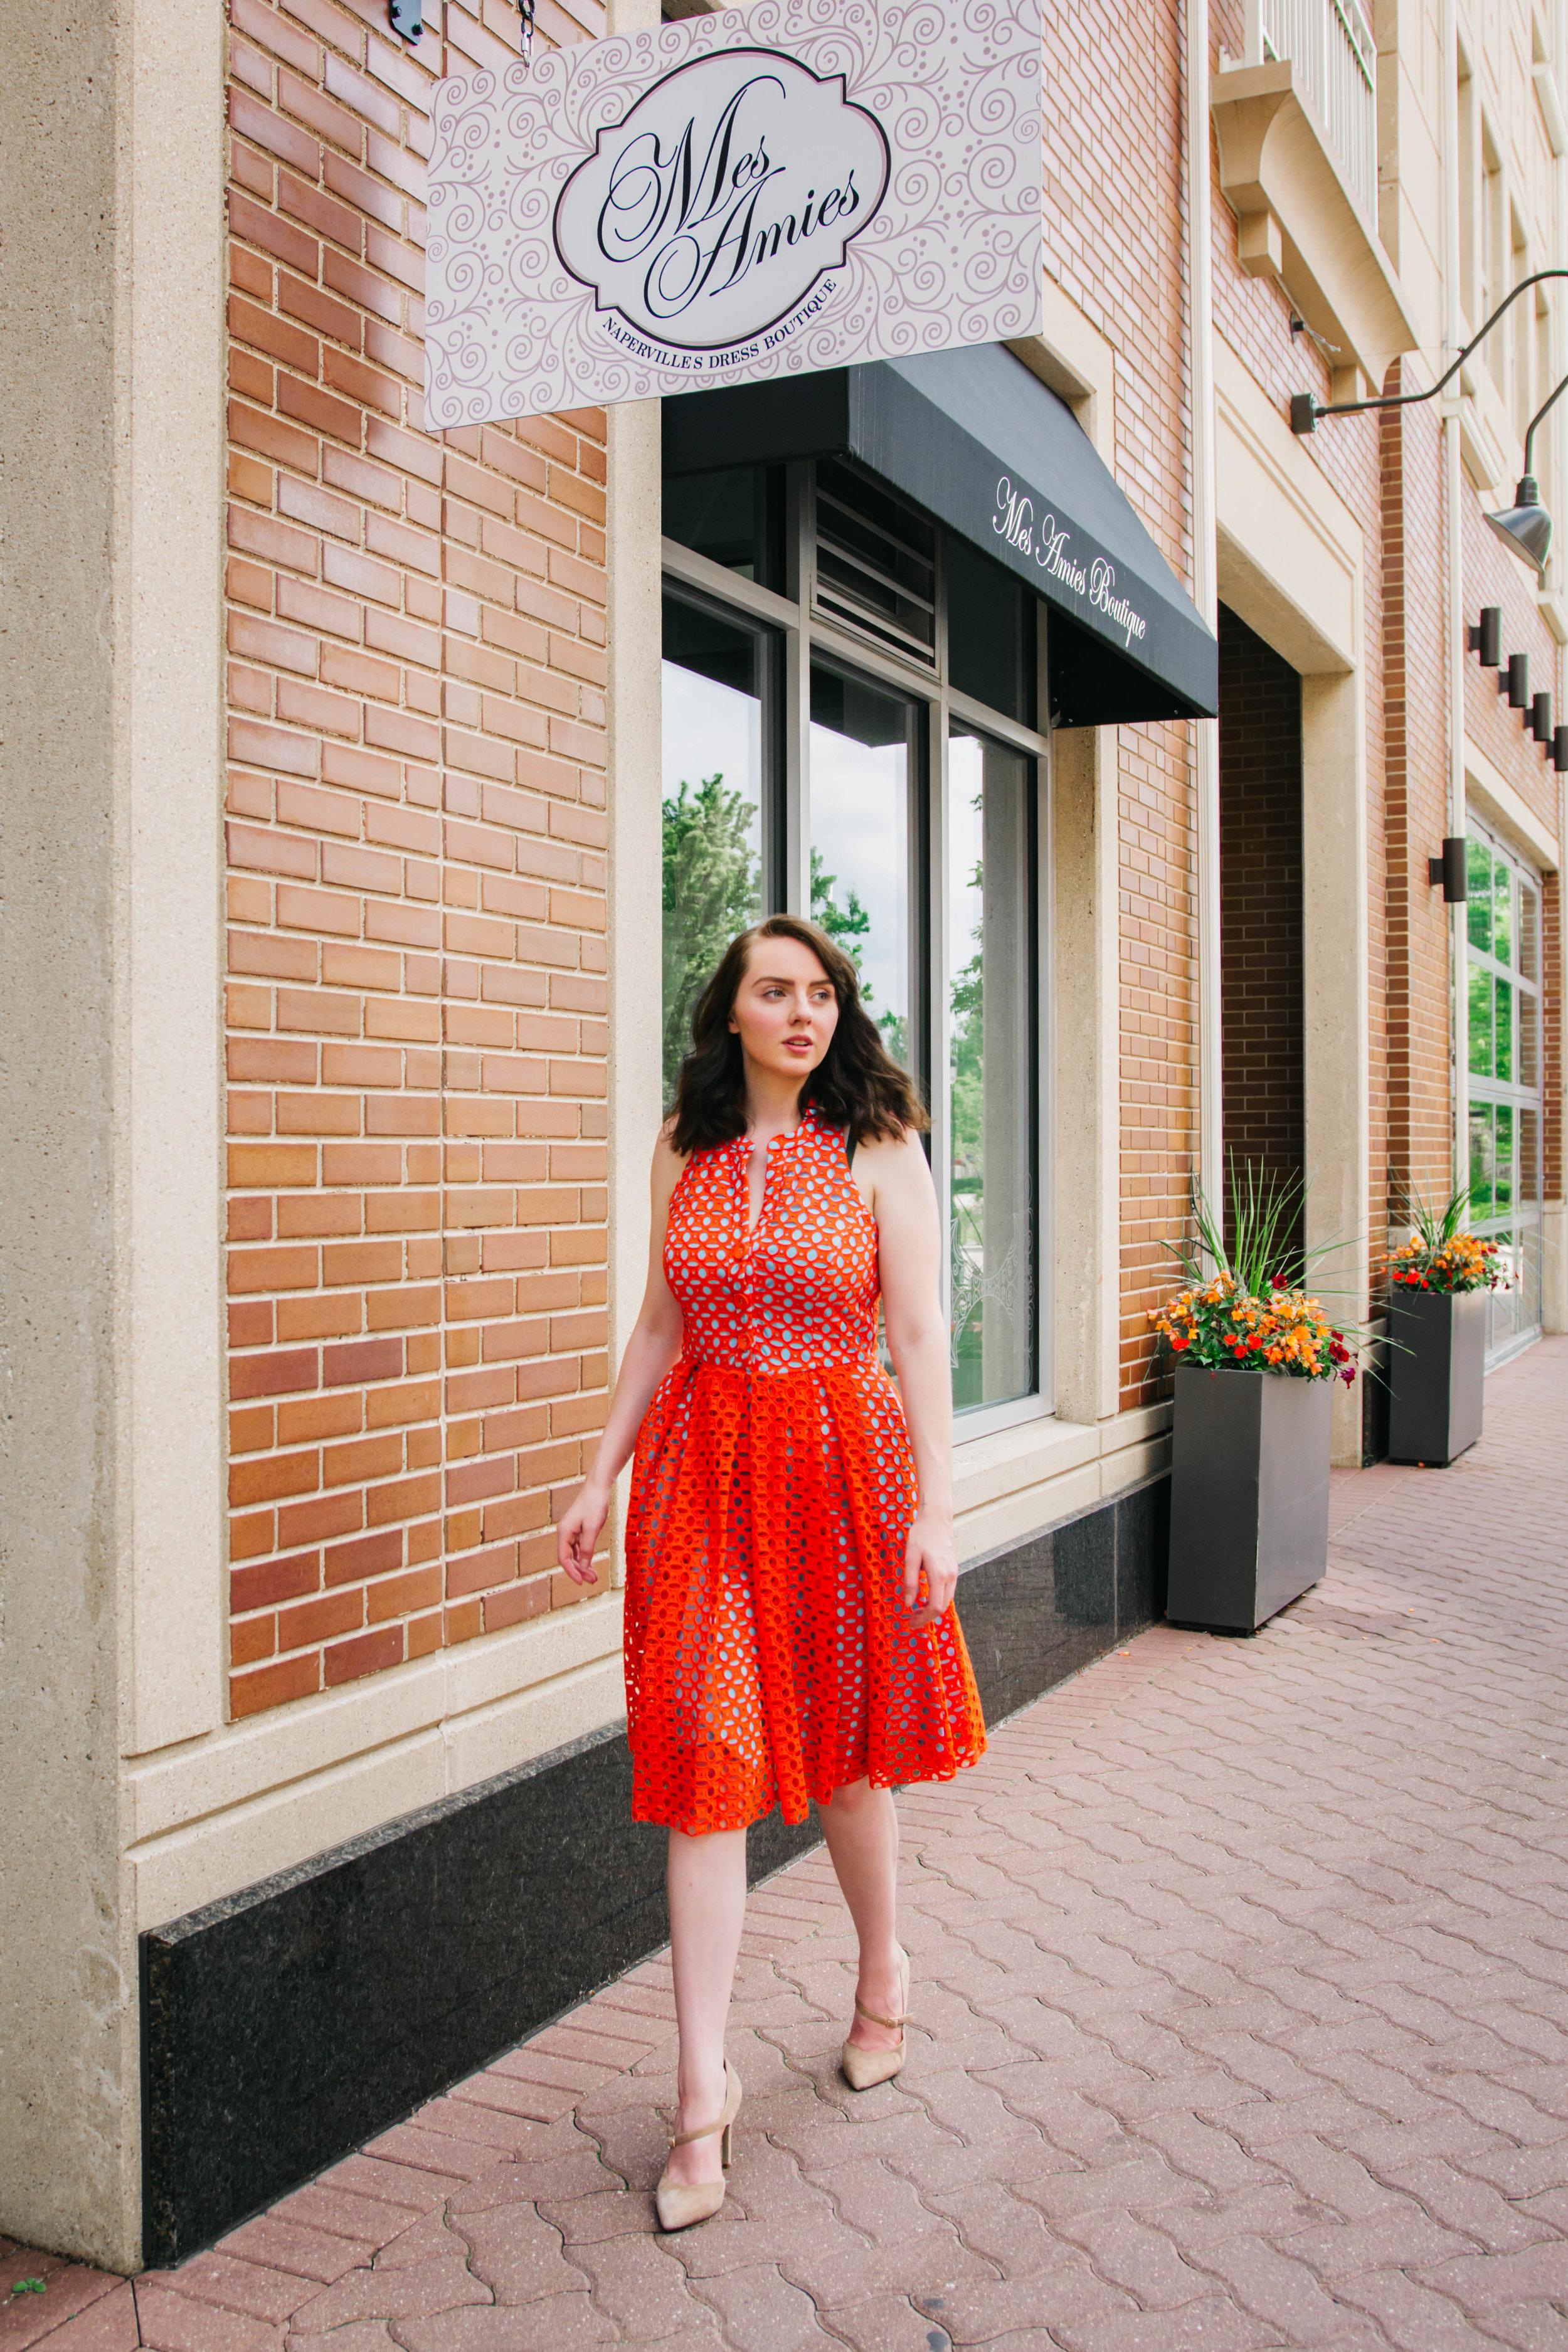 Mes Amies Dress Boutique Naperville